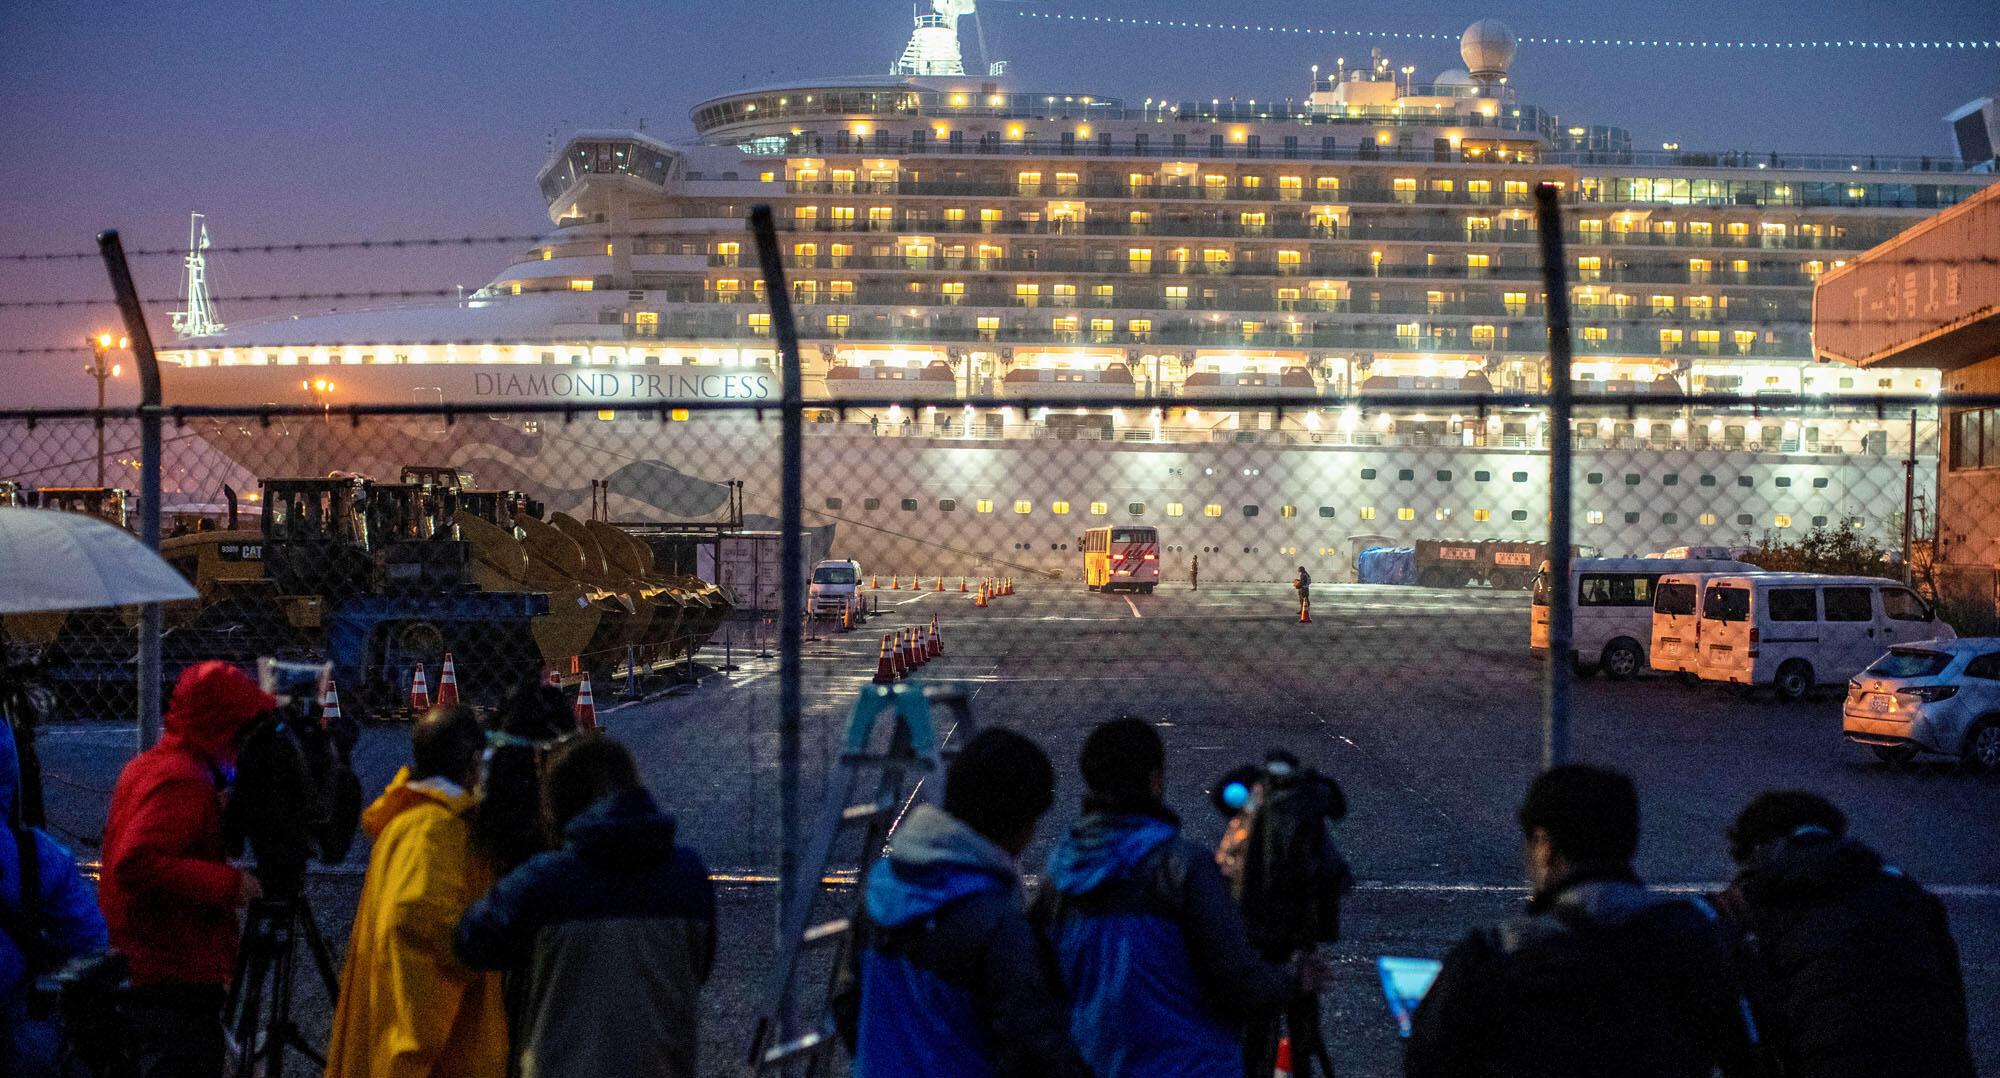 Du thuyền Diamond Princess tại Yokohama- Nhật Bản. Ảnh ngày 16/02/2020.